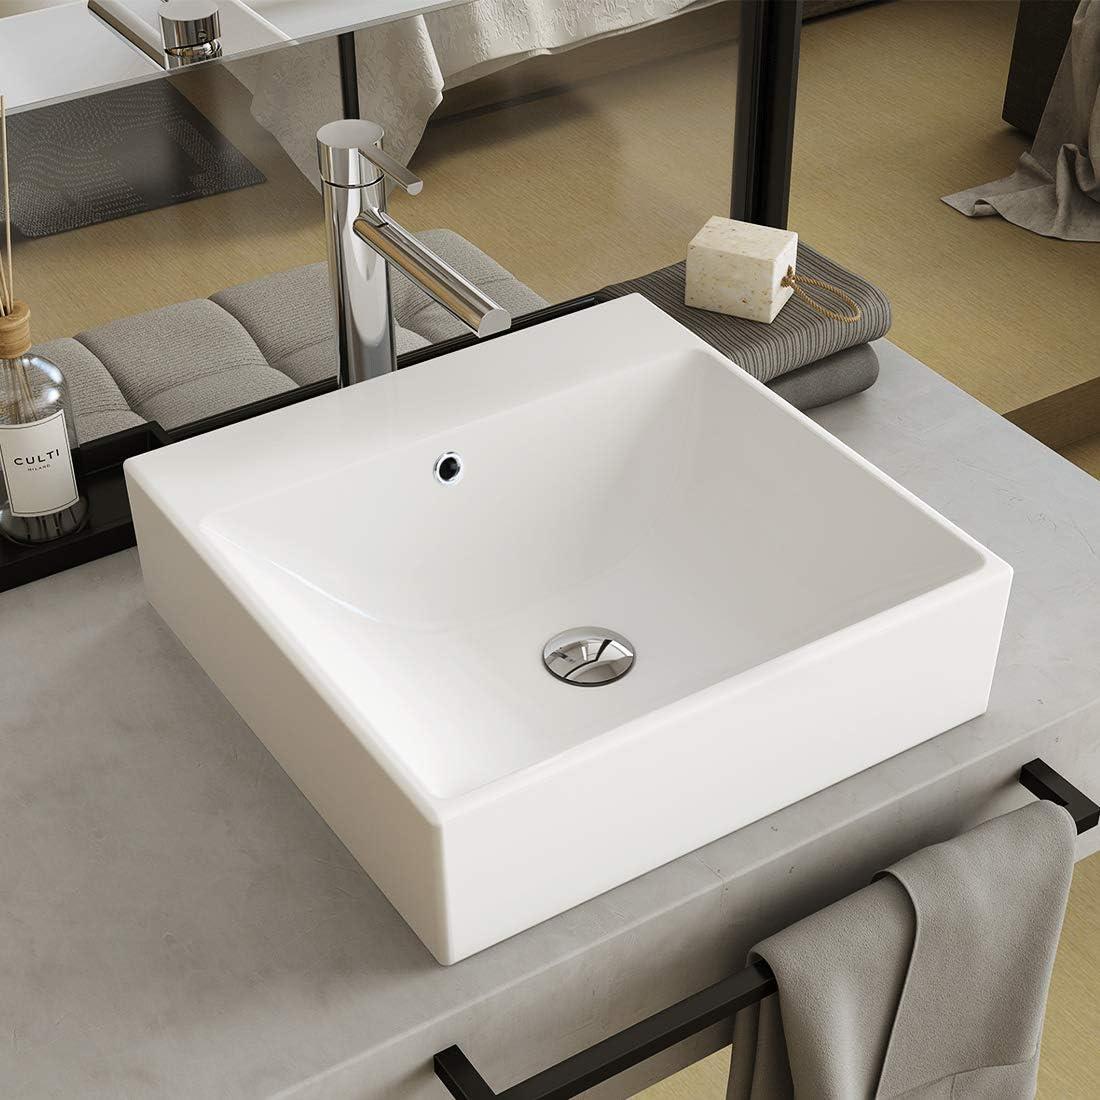 Waschbeckenst/öpsel Chrom Ablaufventil mit /Überlauf Gewinde 1 1//4 Click Clack Waschtisch WOOHSE Universal Ablaufgarnitur Waschbecken Abflussgarnitur Badewanne Pop Up Ventil Messing